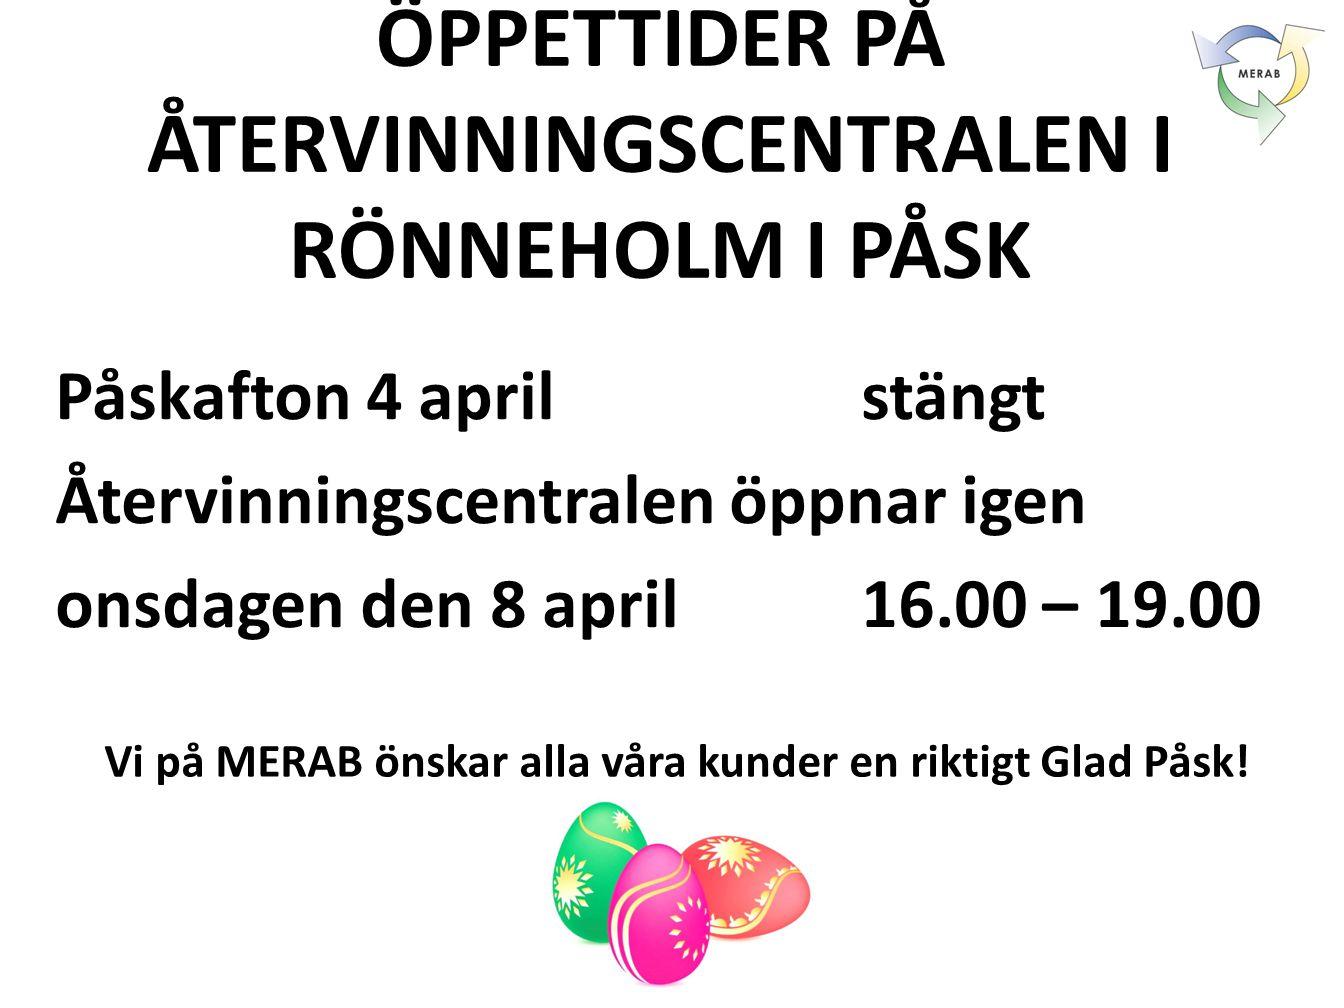 ÖPPETTIDER PÅ ÅTERVINNINGSCENTRALEN I RÖNNEHOLM I PÅSK Påskafton 4 aprilstängt Återvinningscentralen öppnar igen onsdagen den 8 april16.00 – 19.00 Vi